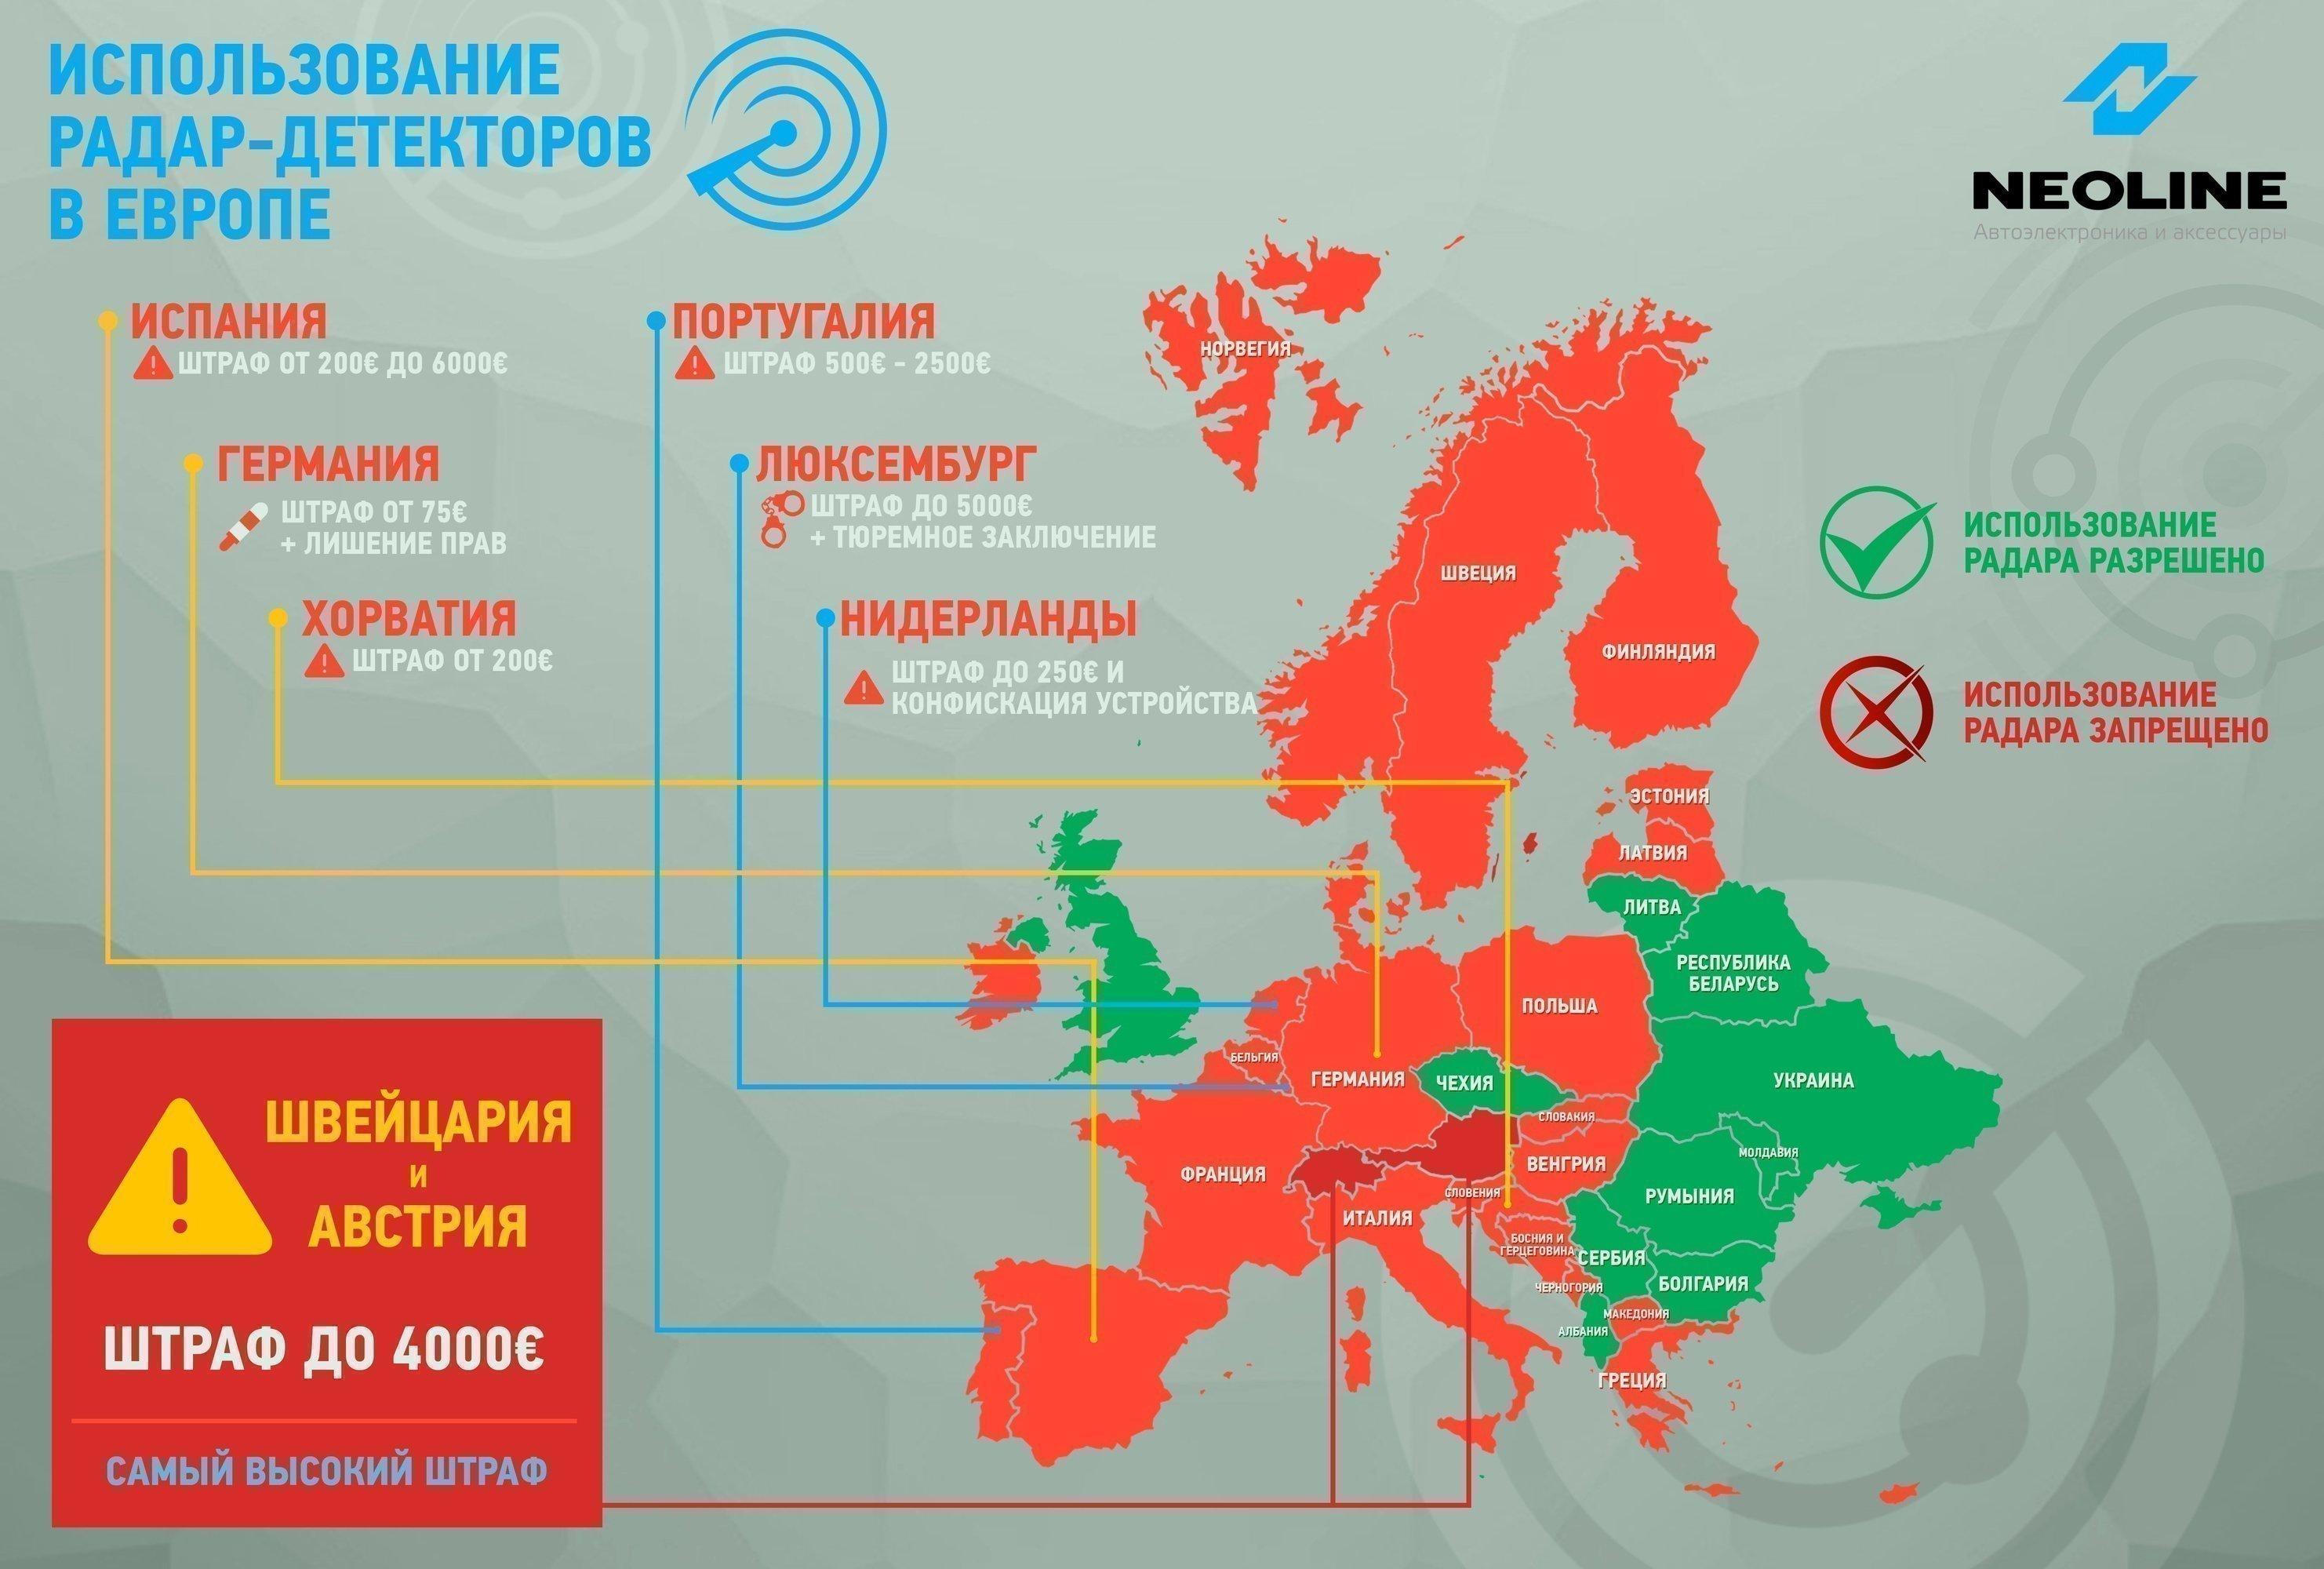 Специалисты составили список стран, где запрещен «антирадар»